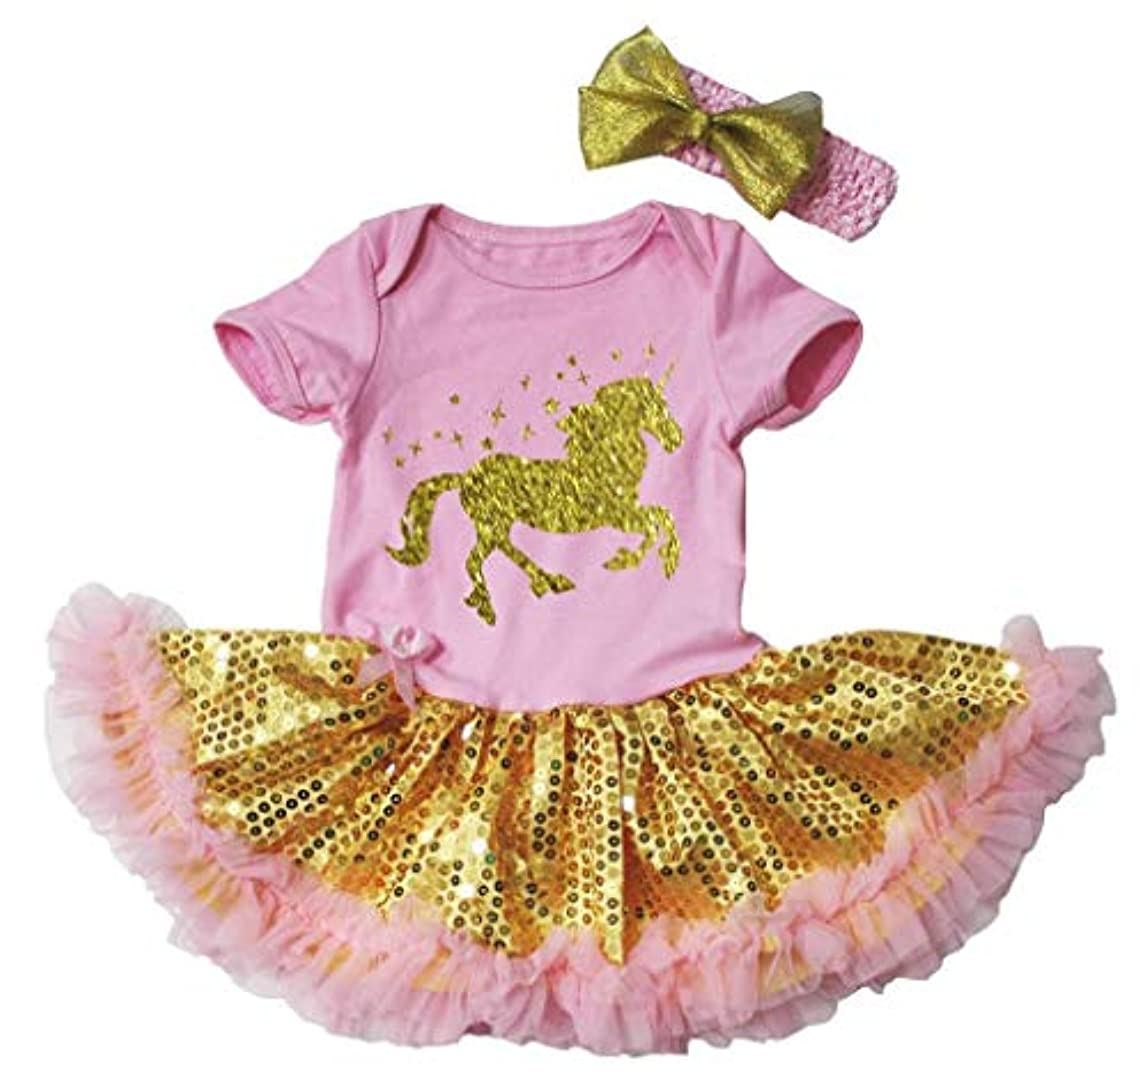 寝てる赤ちゃん頭痛[キッズコーナー] Unicorn ユニコーン ピンク ボディスーツ ゴールド スパンコールのチュチ、コスチューム、子供のチュチュ、ベビー服、女の子のワンピースドレス Nb-18m (ピンク, Medium) [並行輸入品]